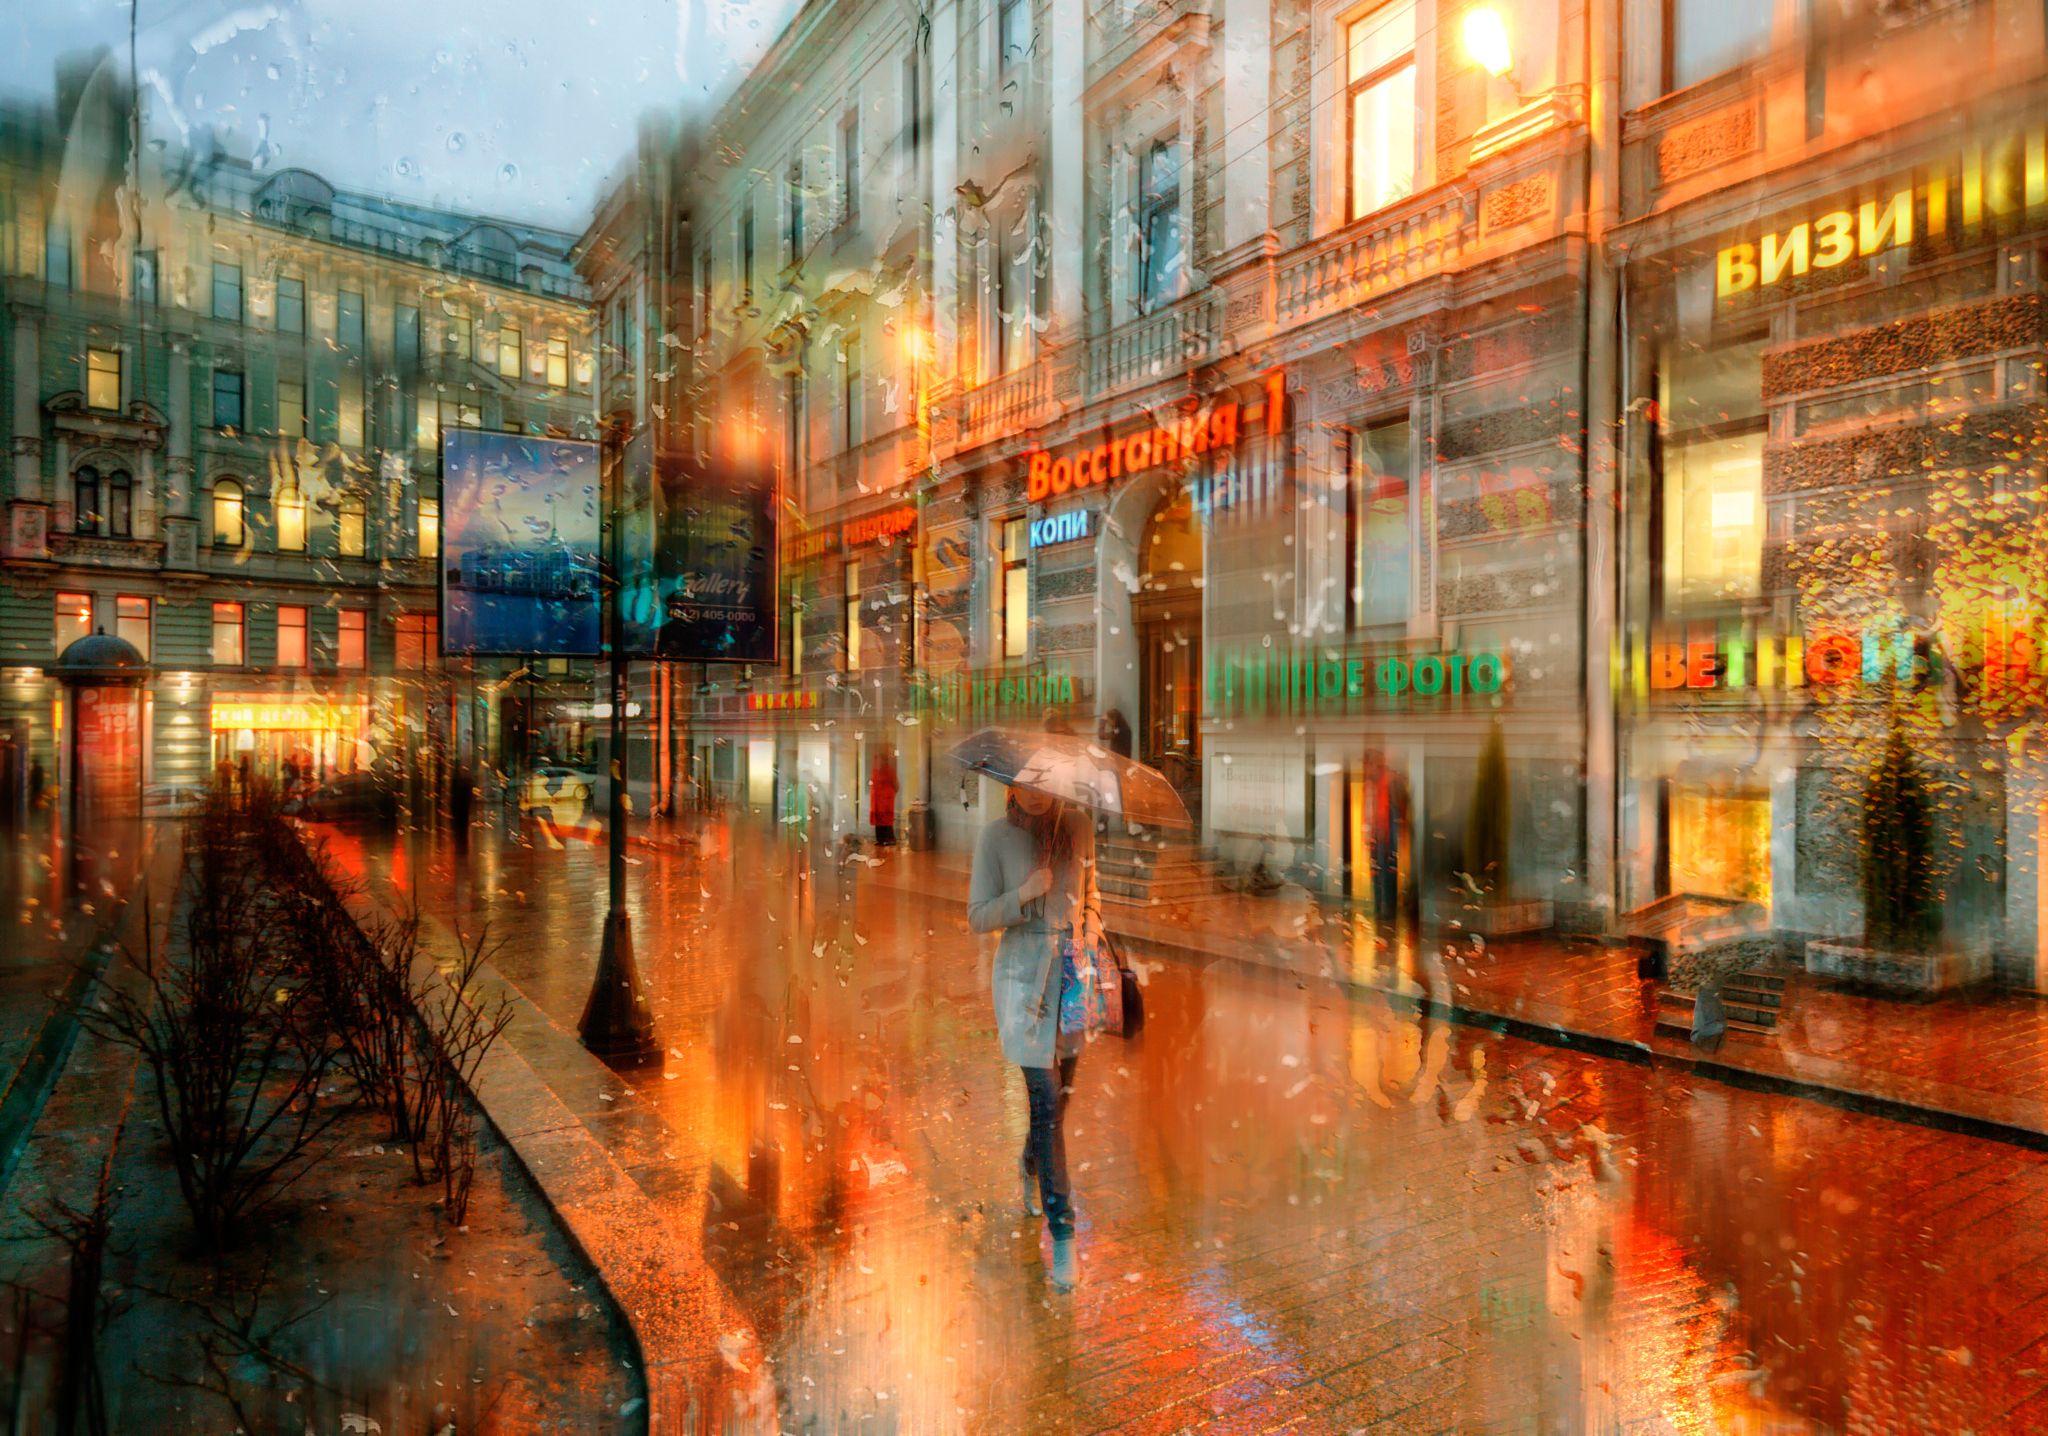 Дождь в городе обои и картинки оптические